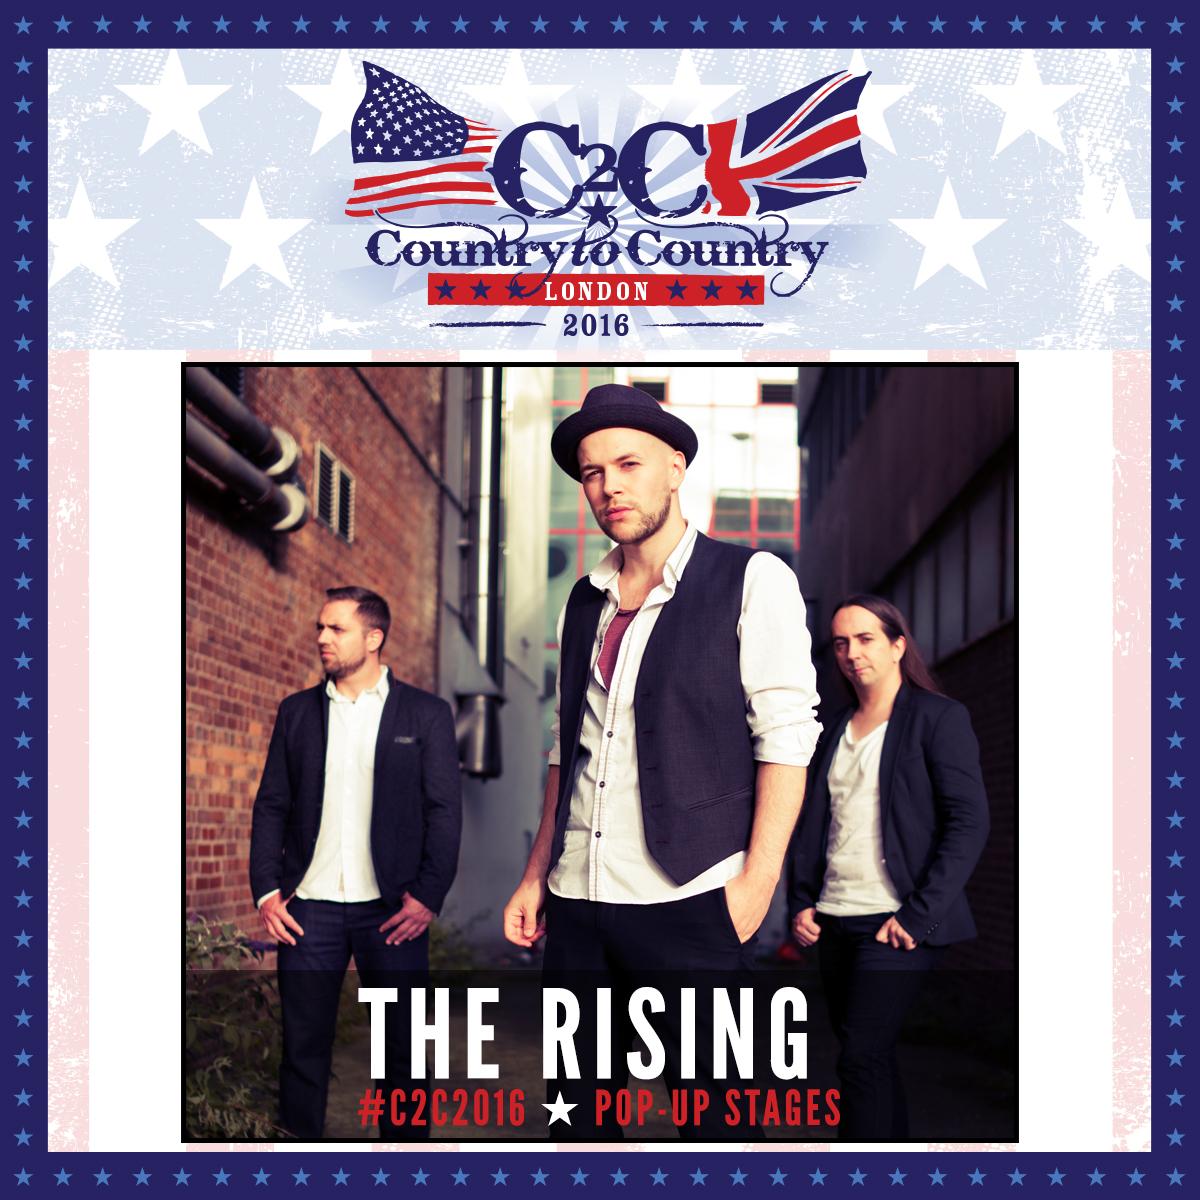 the rising c2c